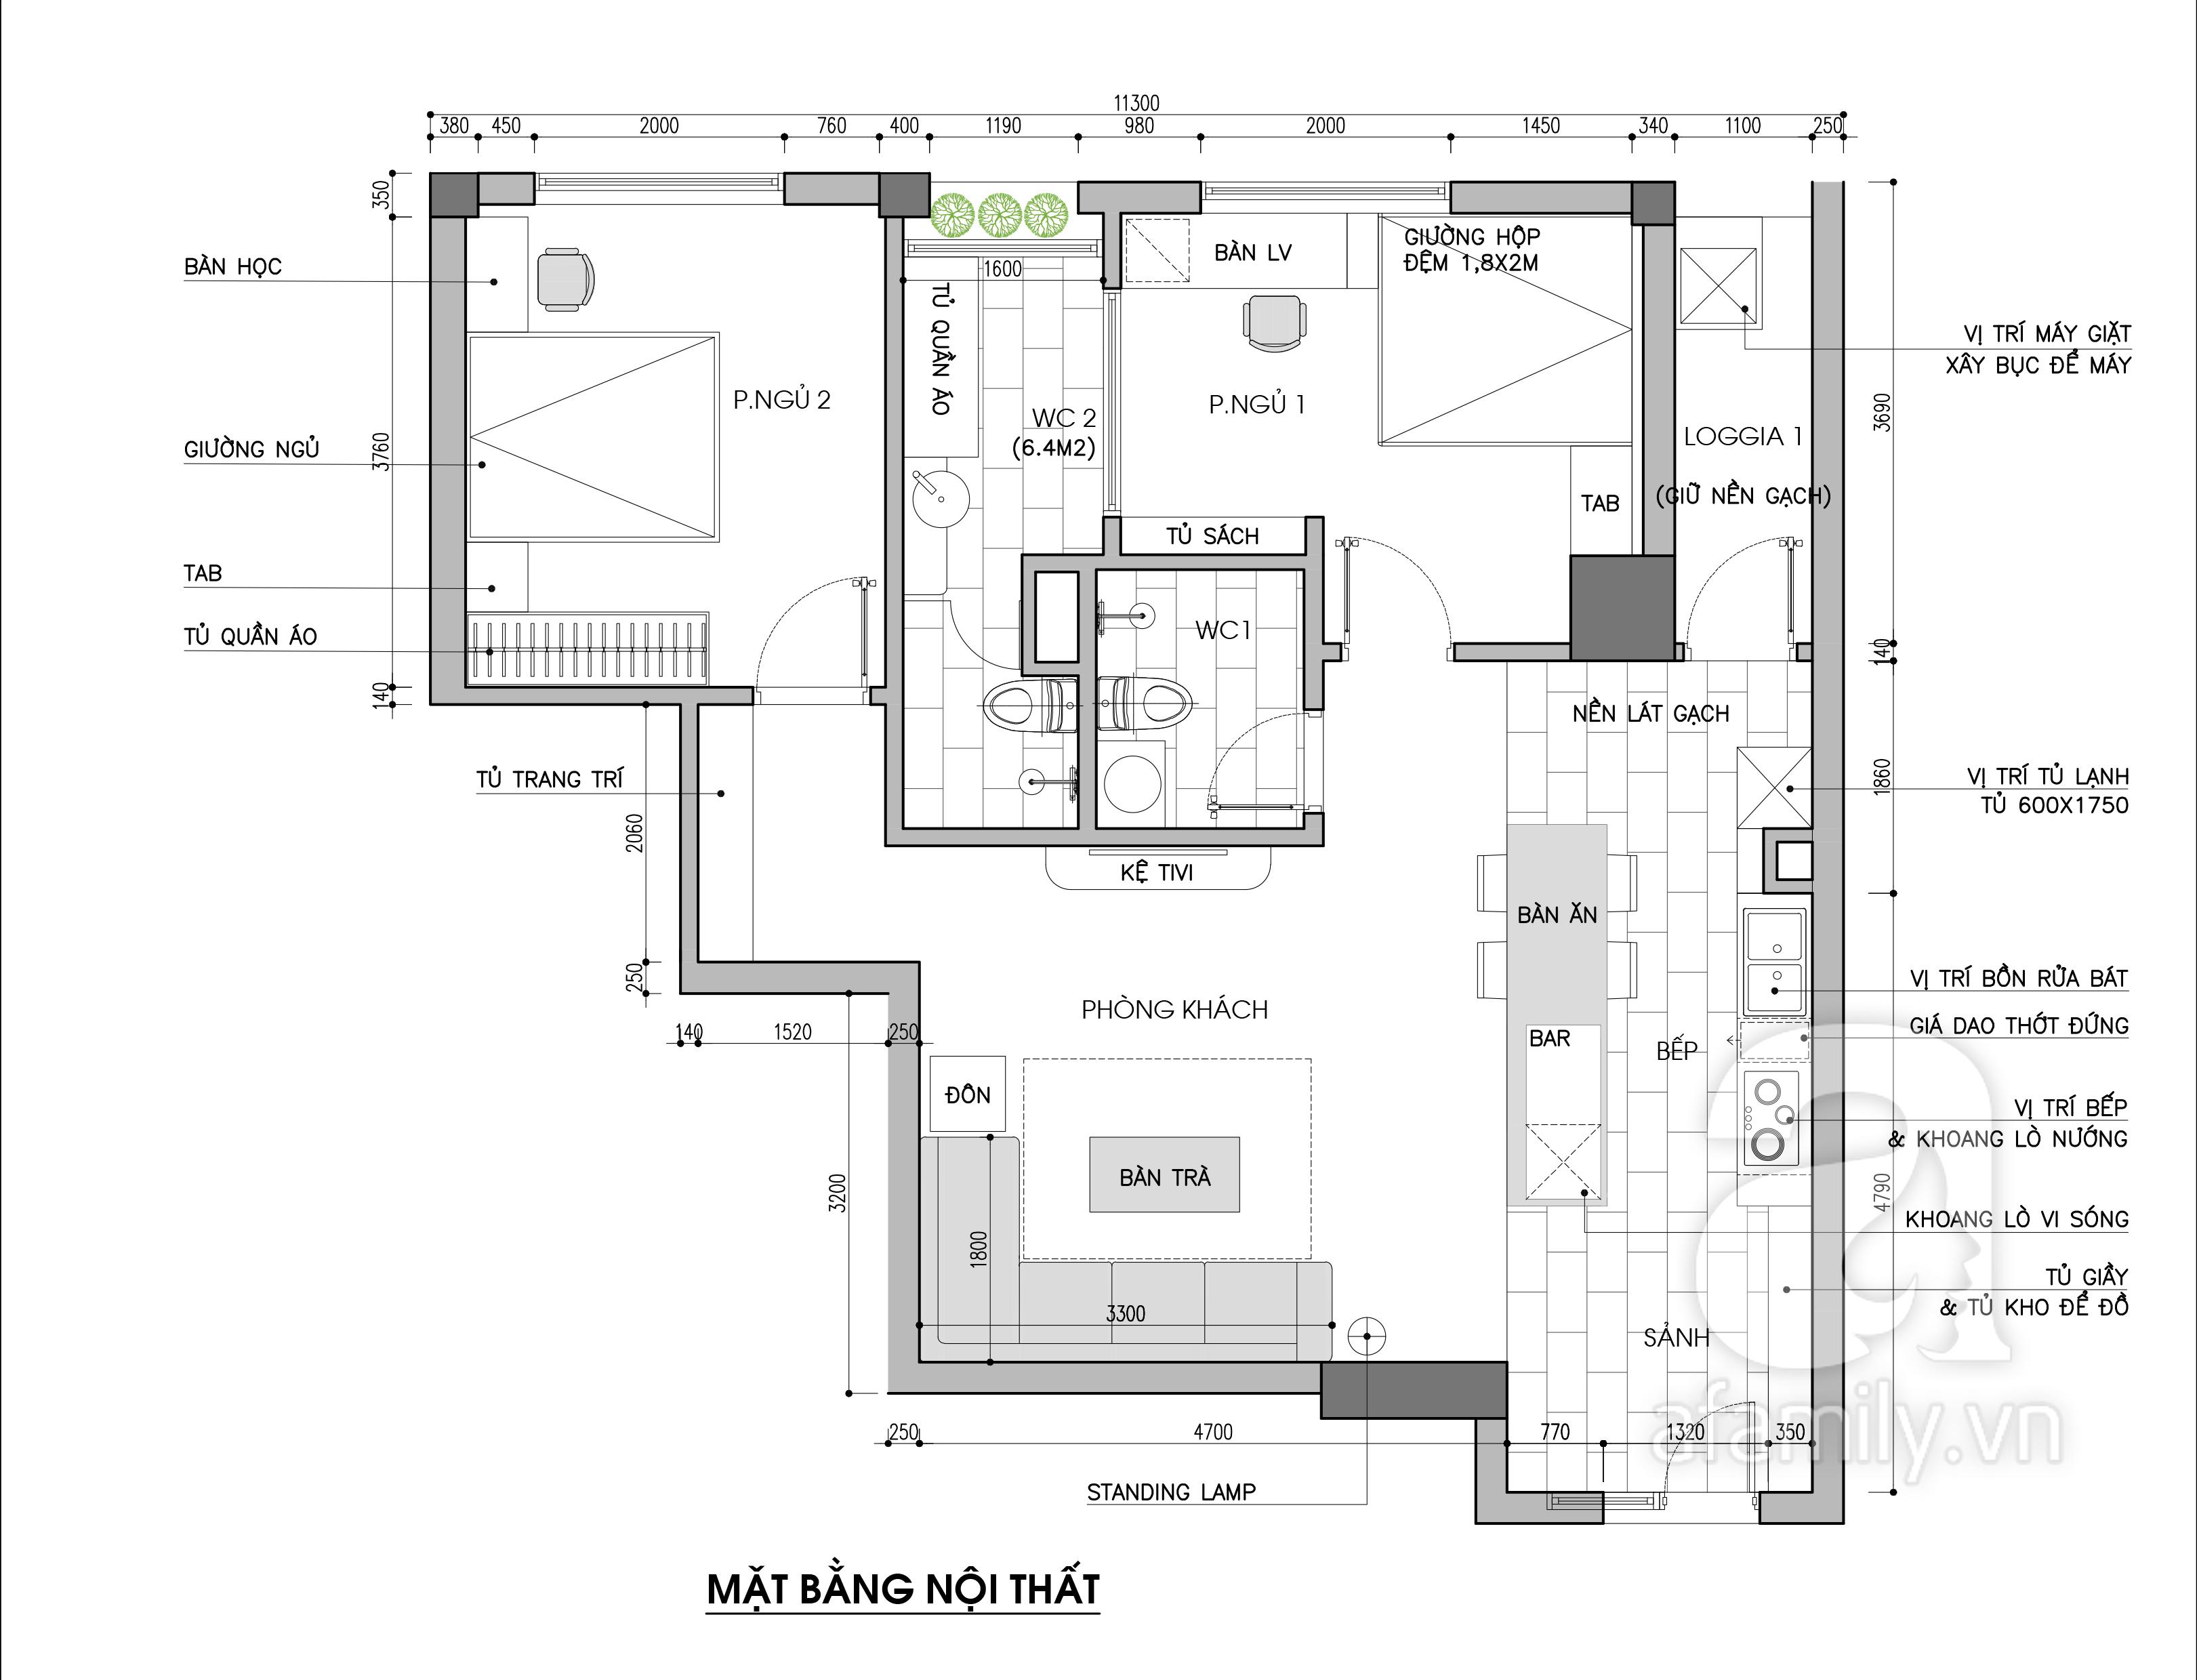 Tư vấn thiết kế cải tạo căn hộ chung cư diện tích 79m² với tổng chi phí 140 triệu đồng - Ảnh 3.